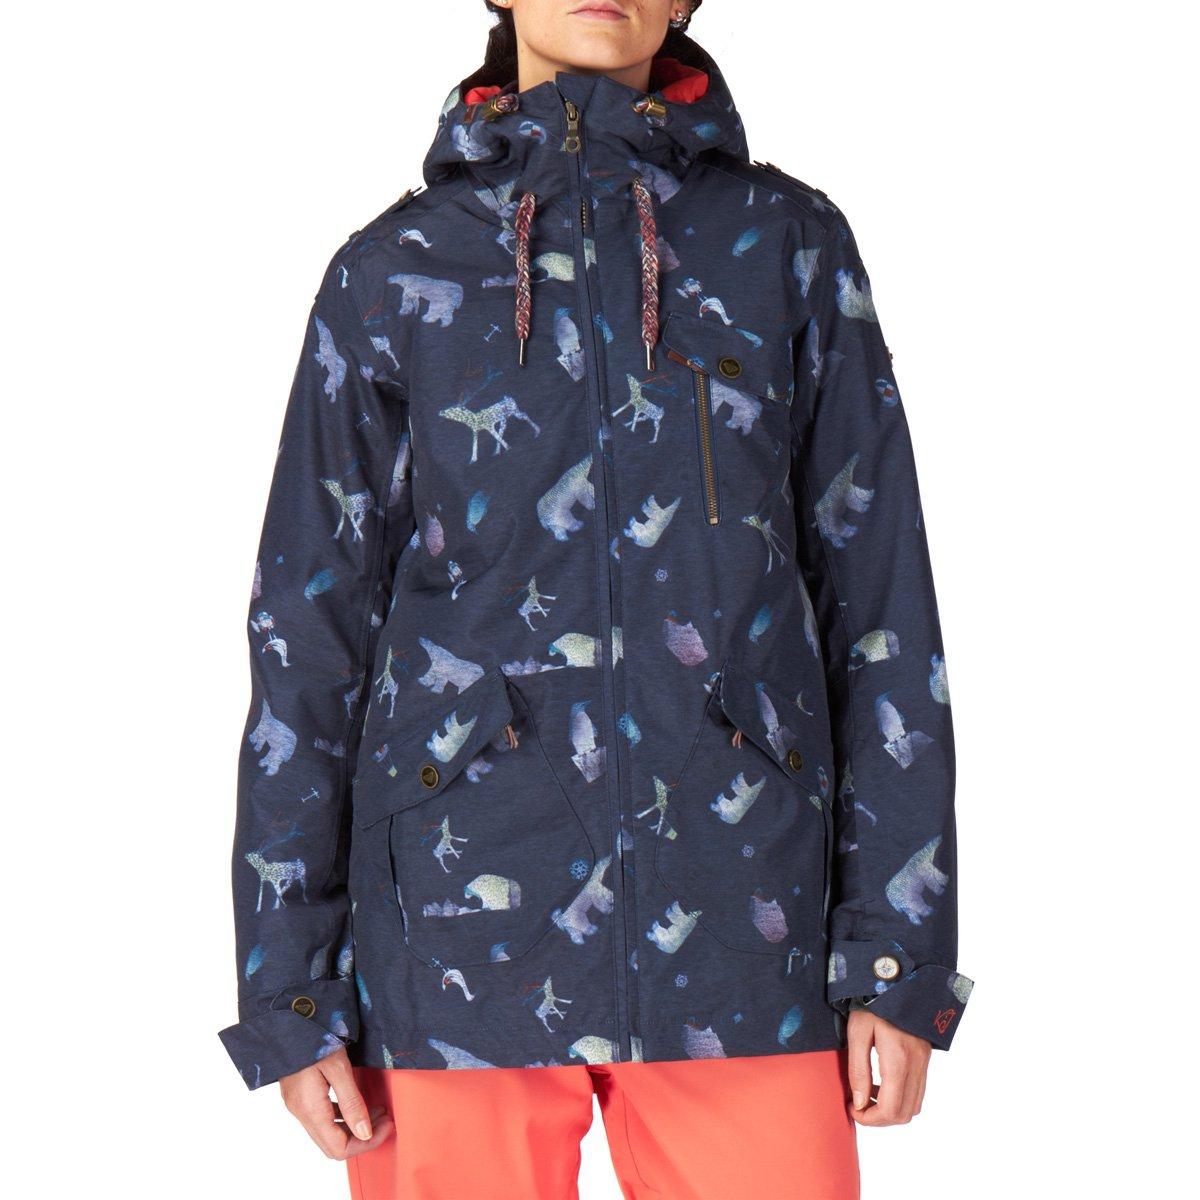 Damen Snowboard Jacke Roxy Kjersti Printed Jacket